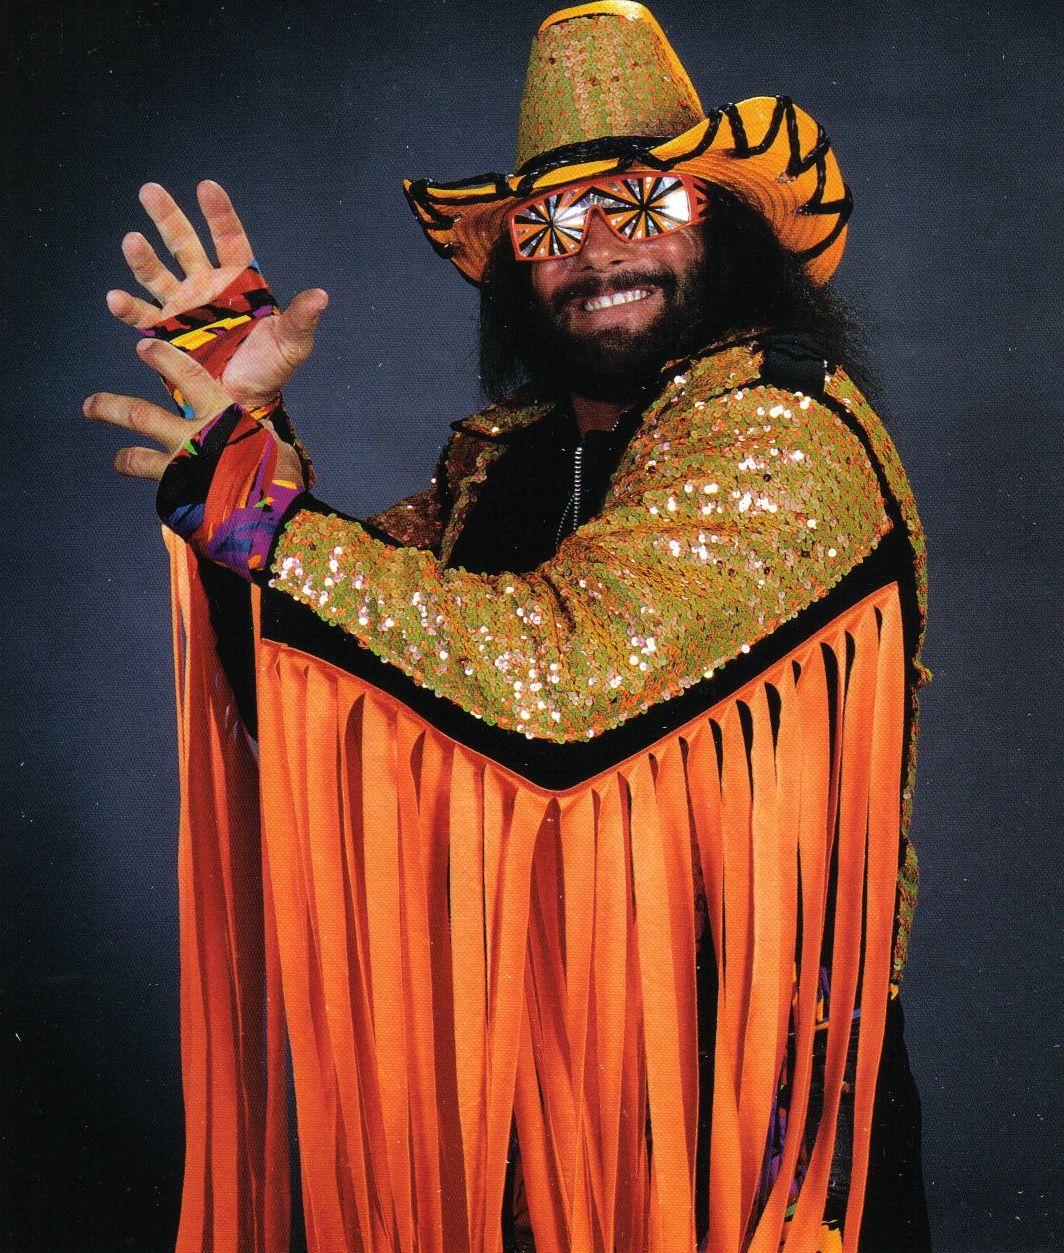 Macho Man! I watched WWF as a kid.... Now I watch WWE with my kids!!!